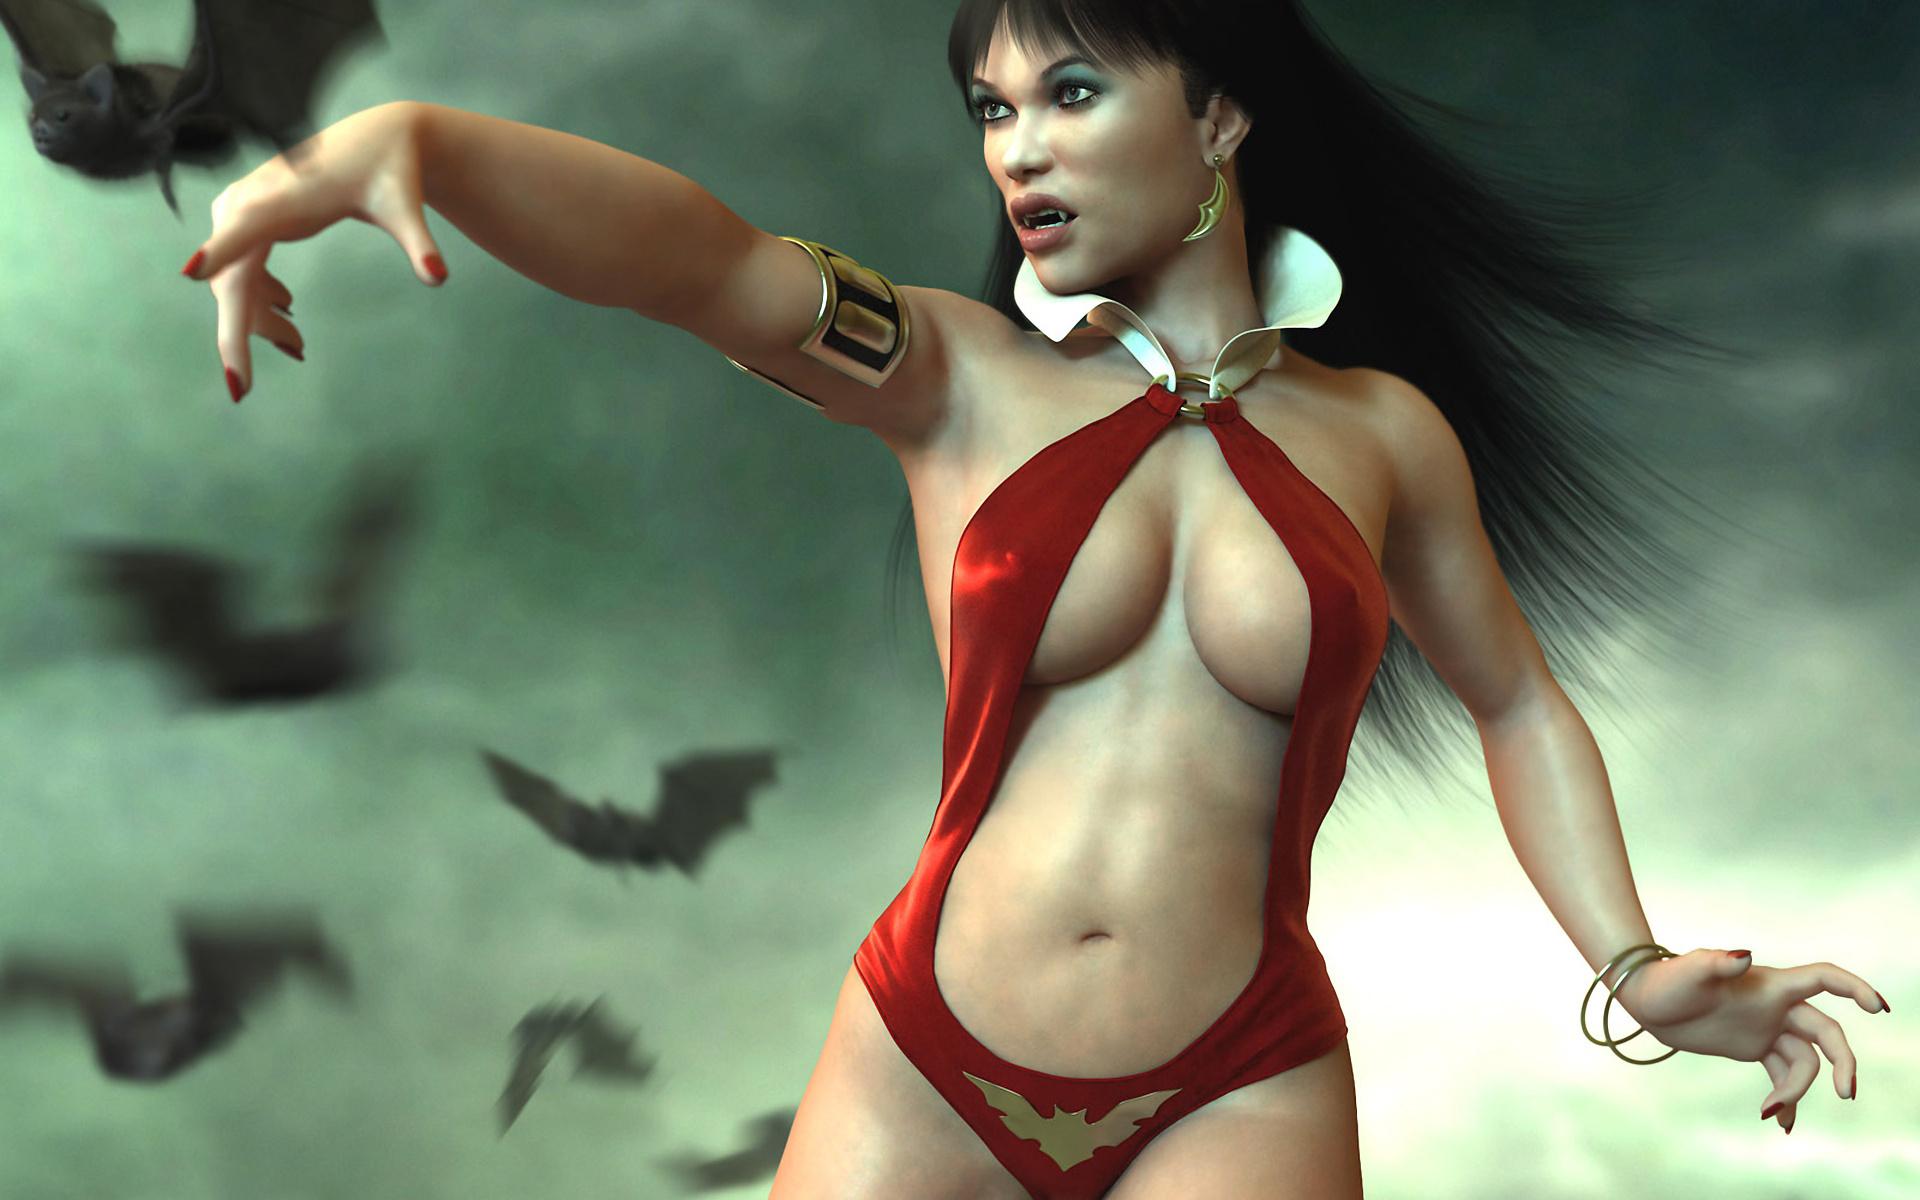 Vampire porn hd wallpaper porn streaming